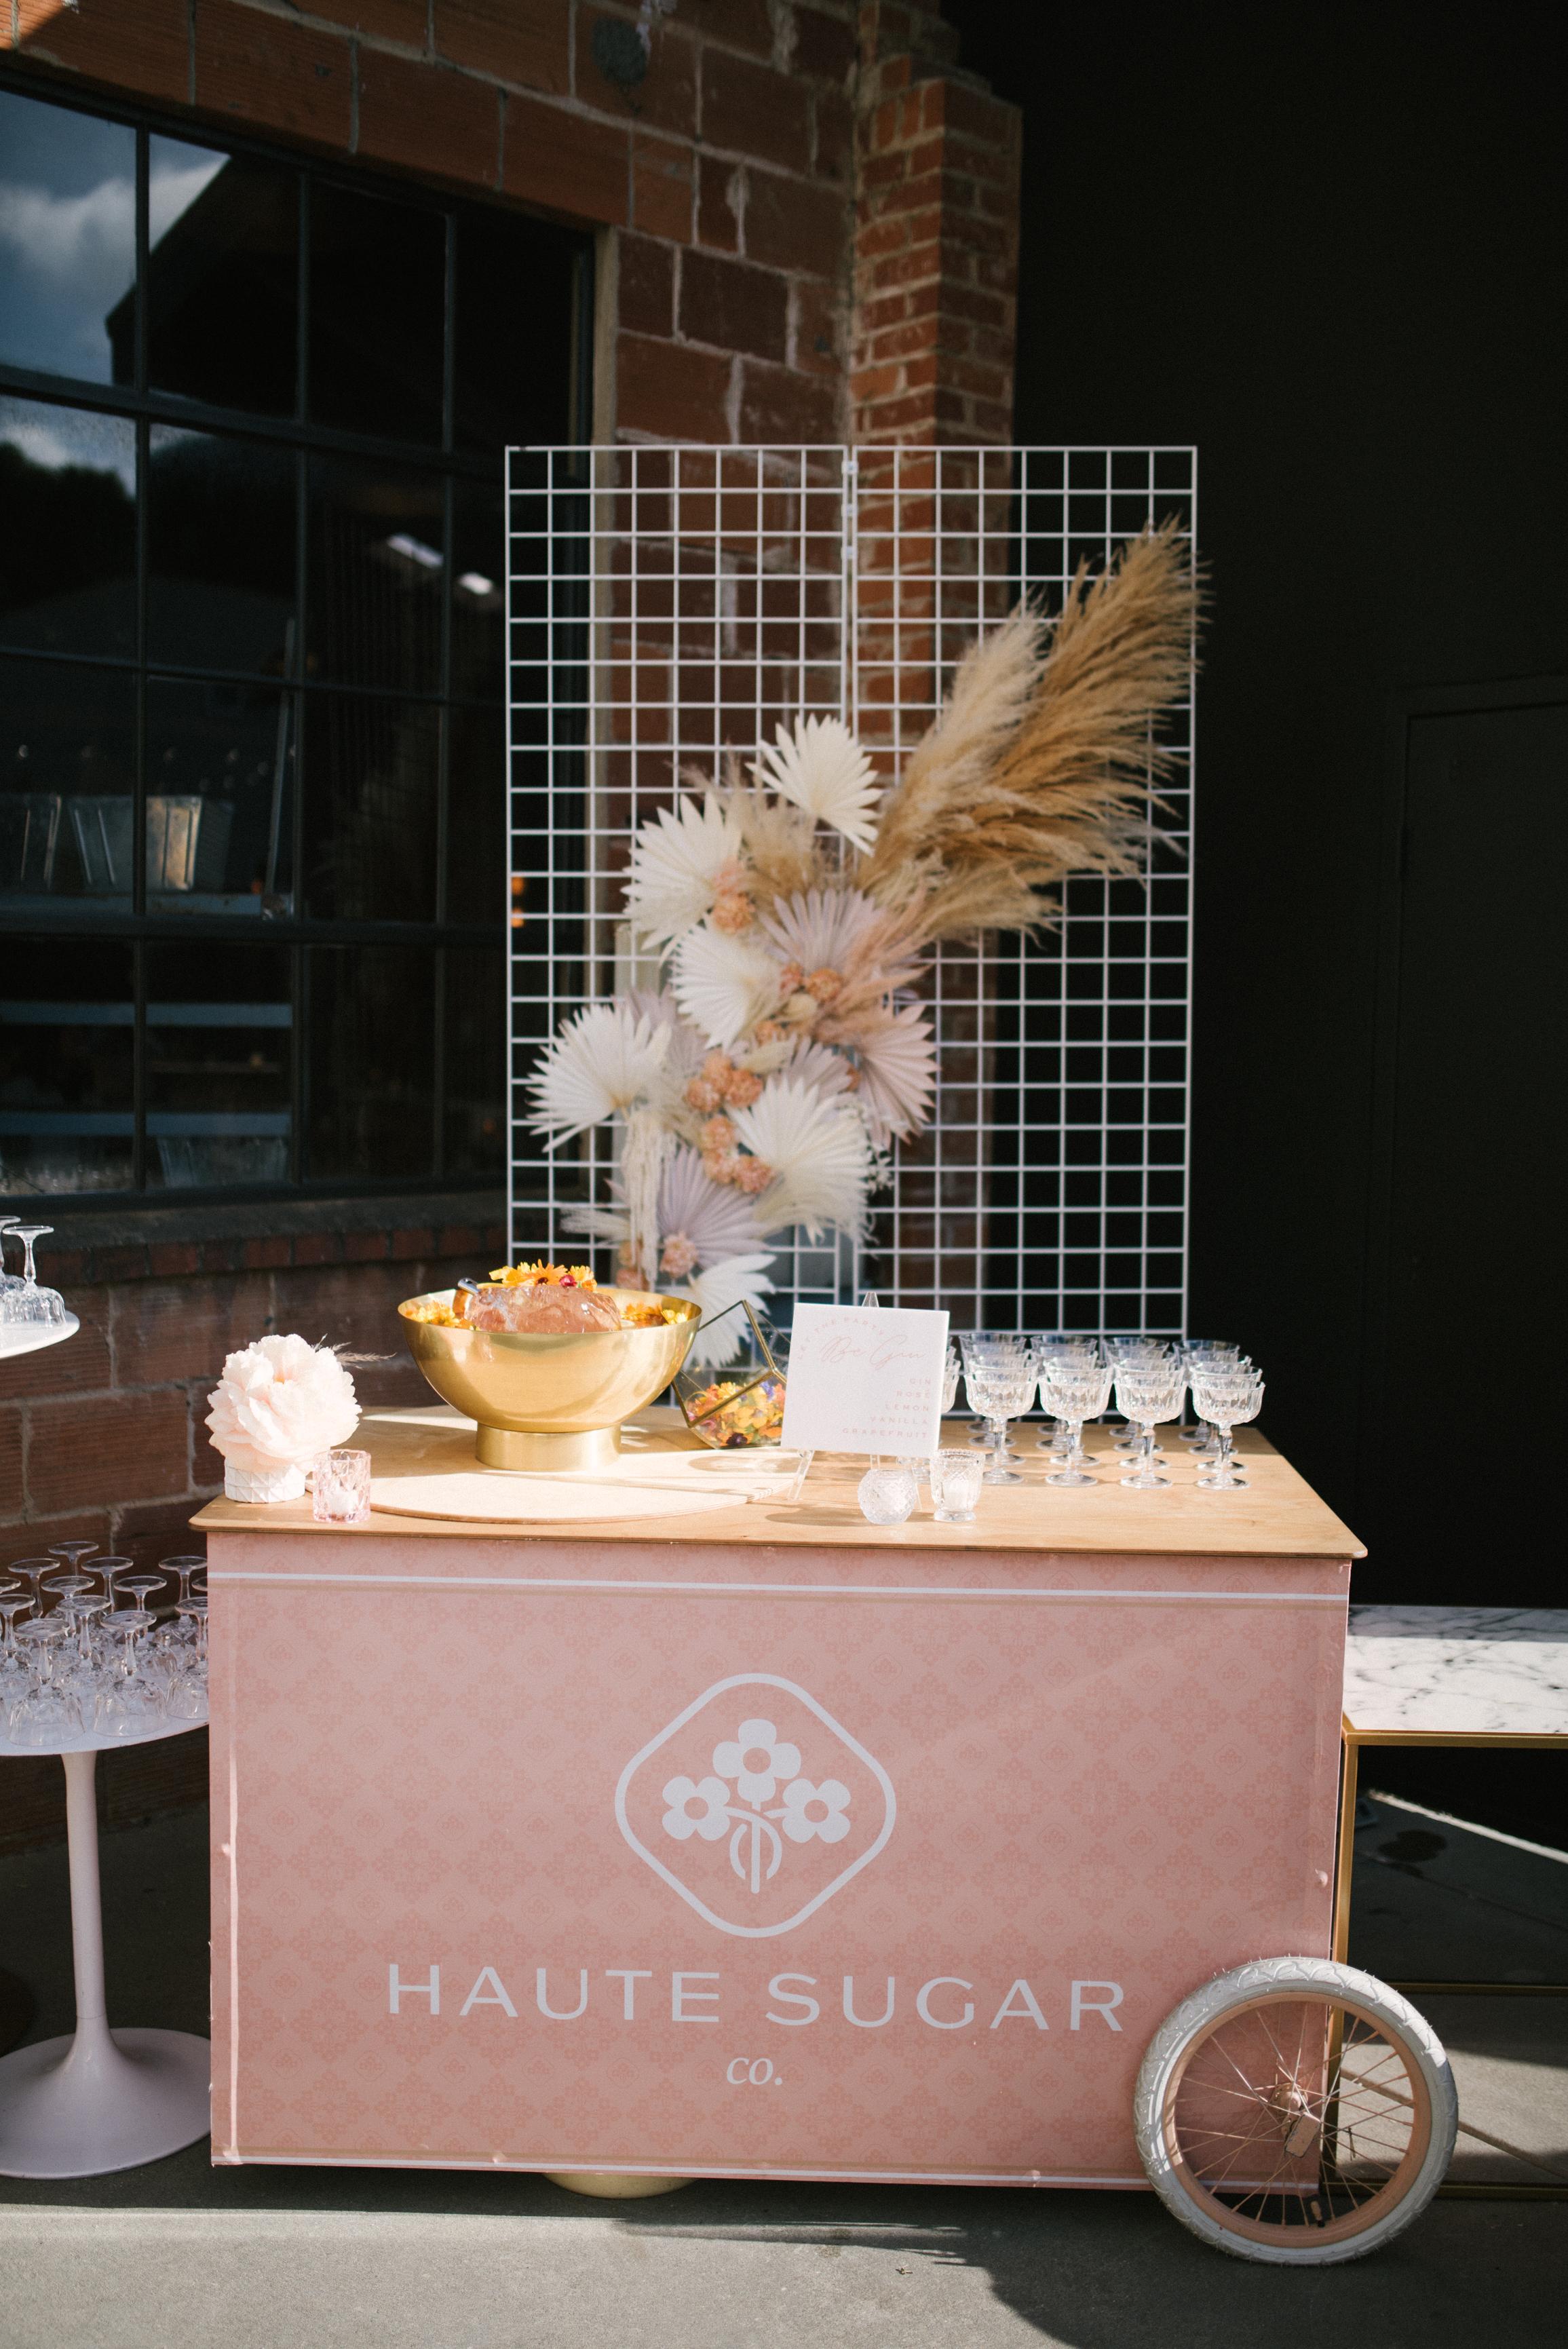 Haute Sugar Co. at The Penny SLO